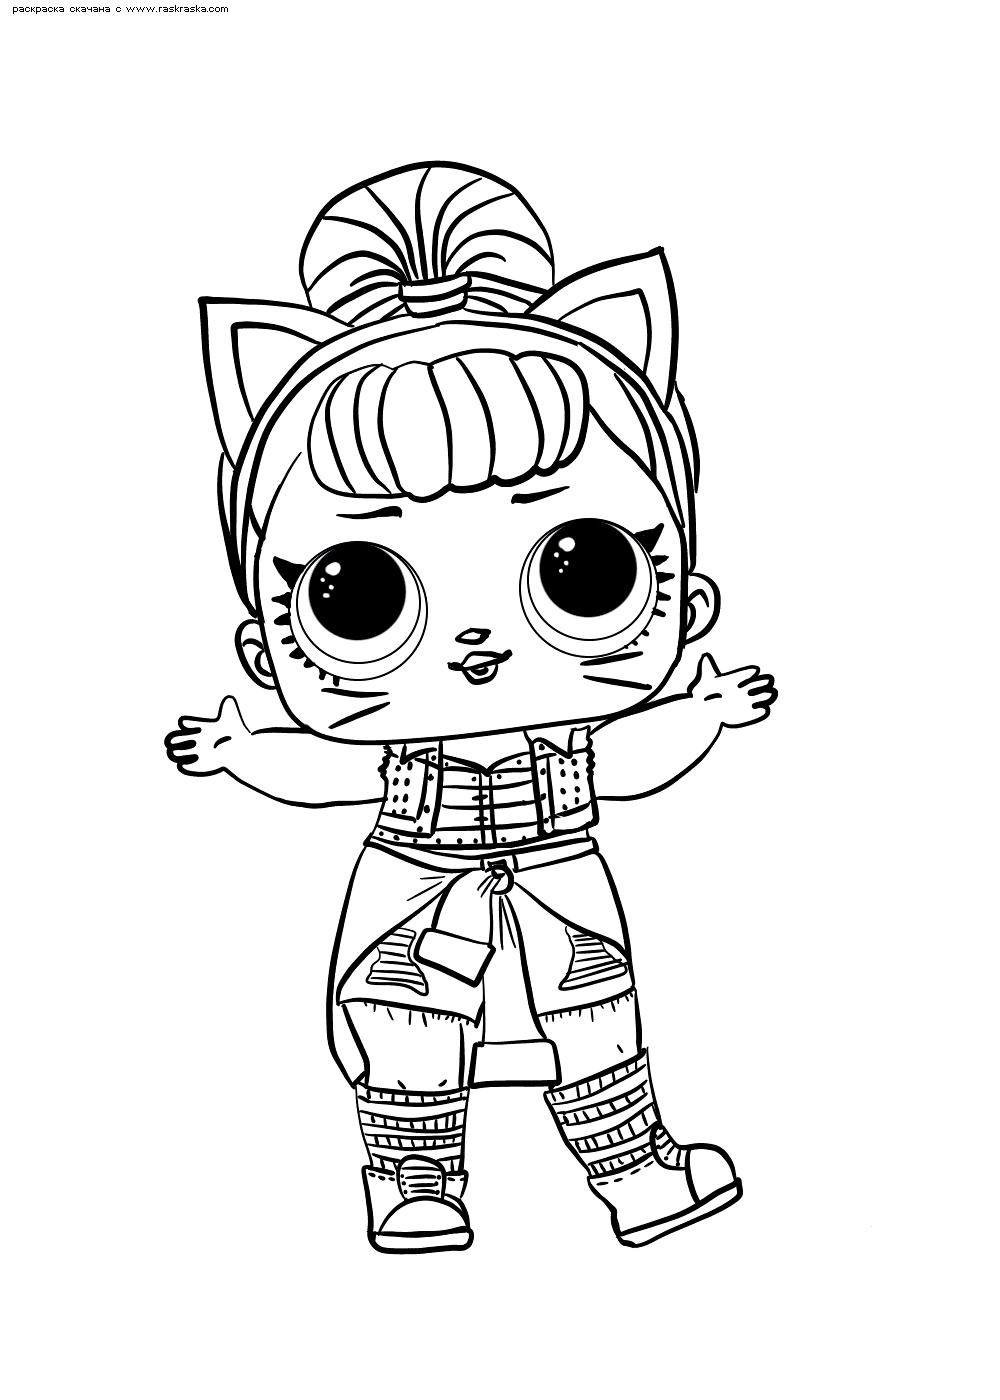 Раскраска ЛОЛ серия 2 куколка Troublemaker. Раскраска лол